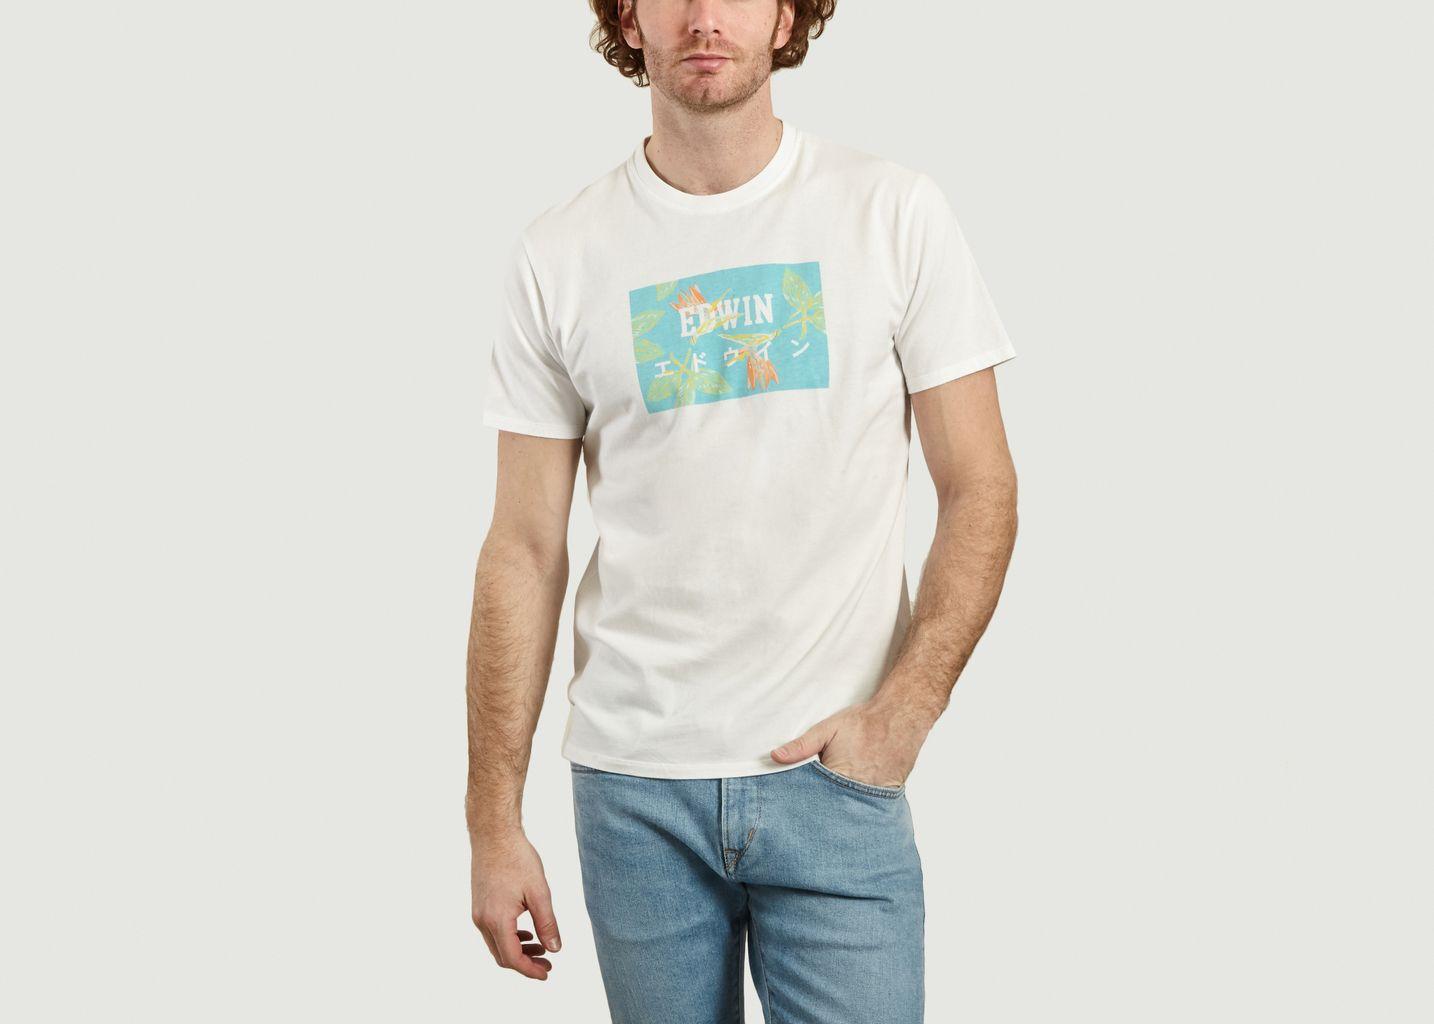 T-shirt logotypé Birds Of Paradise - Edwin